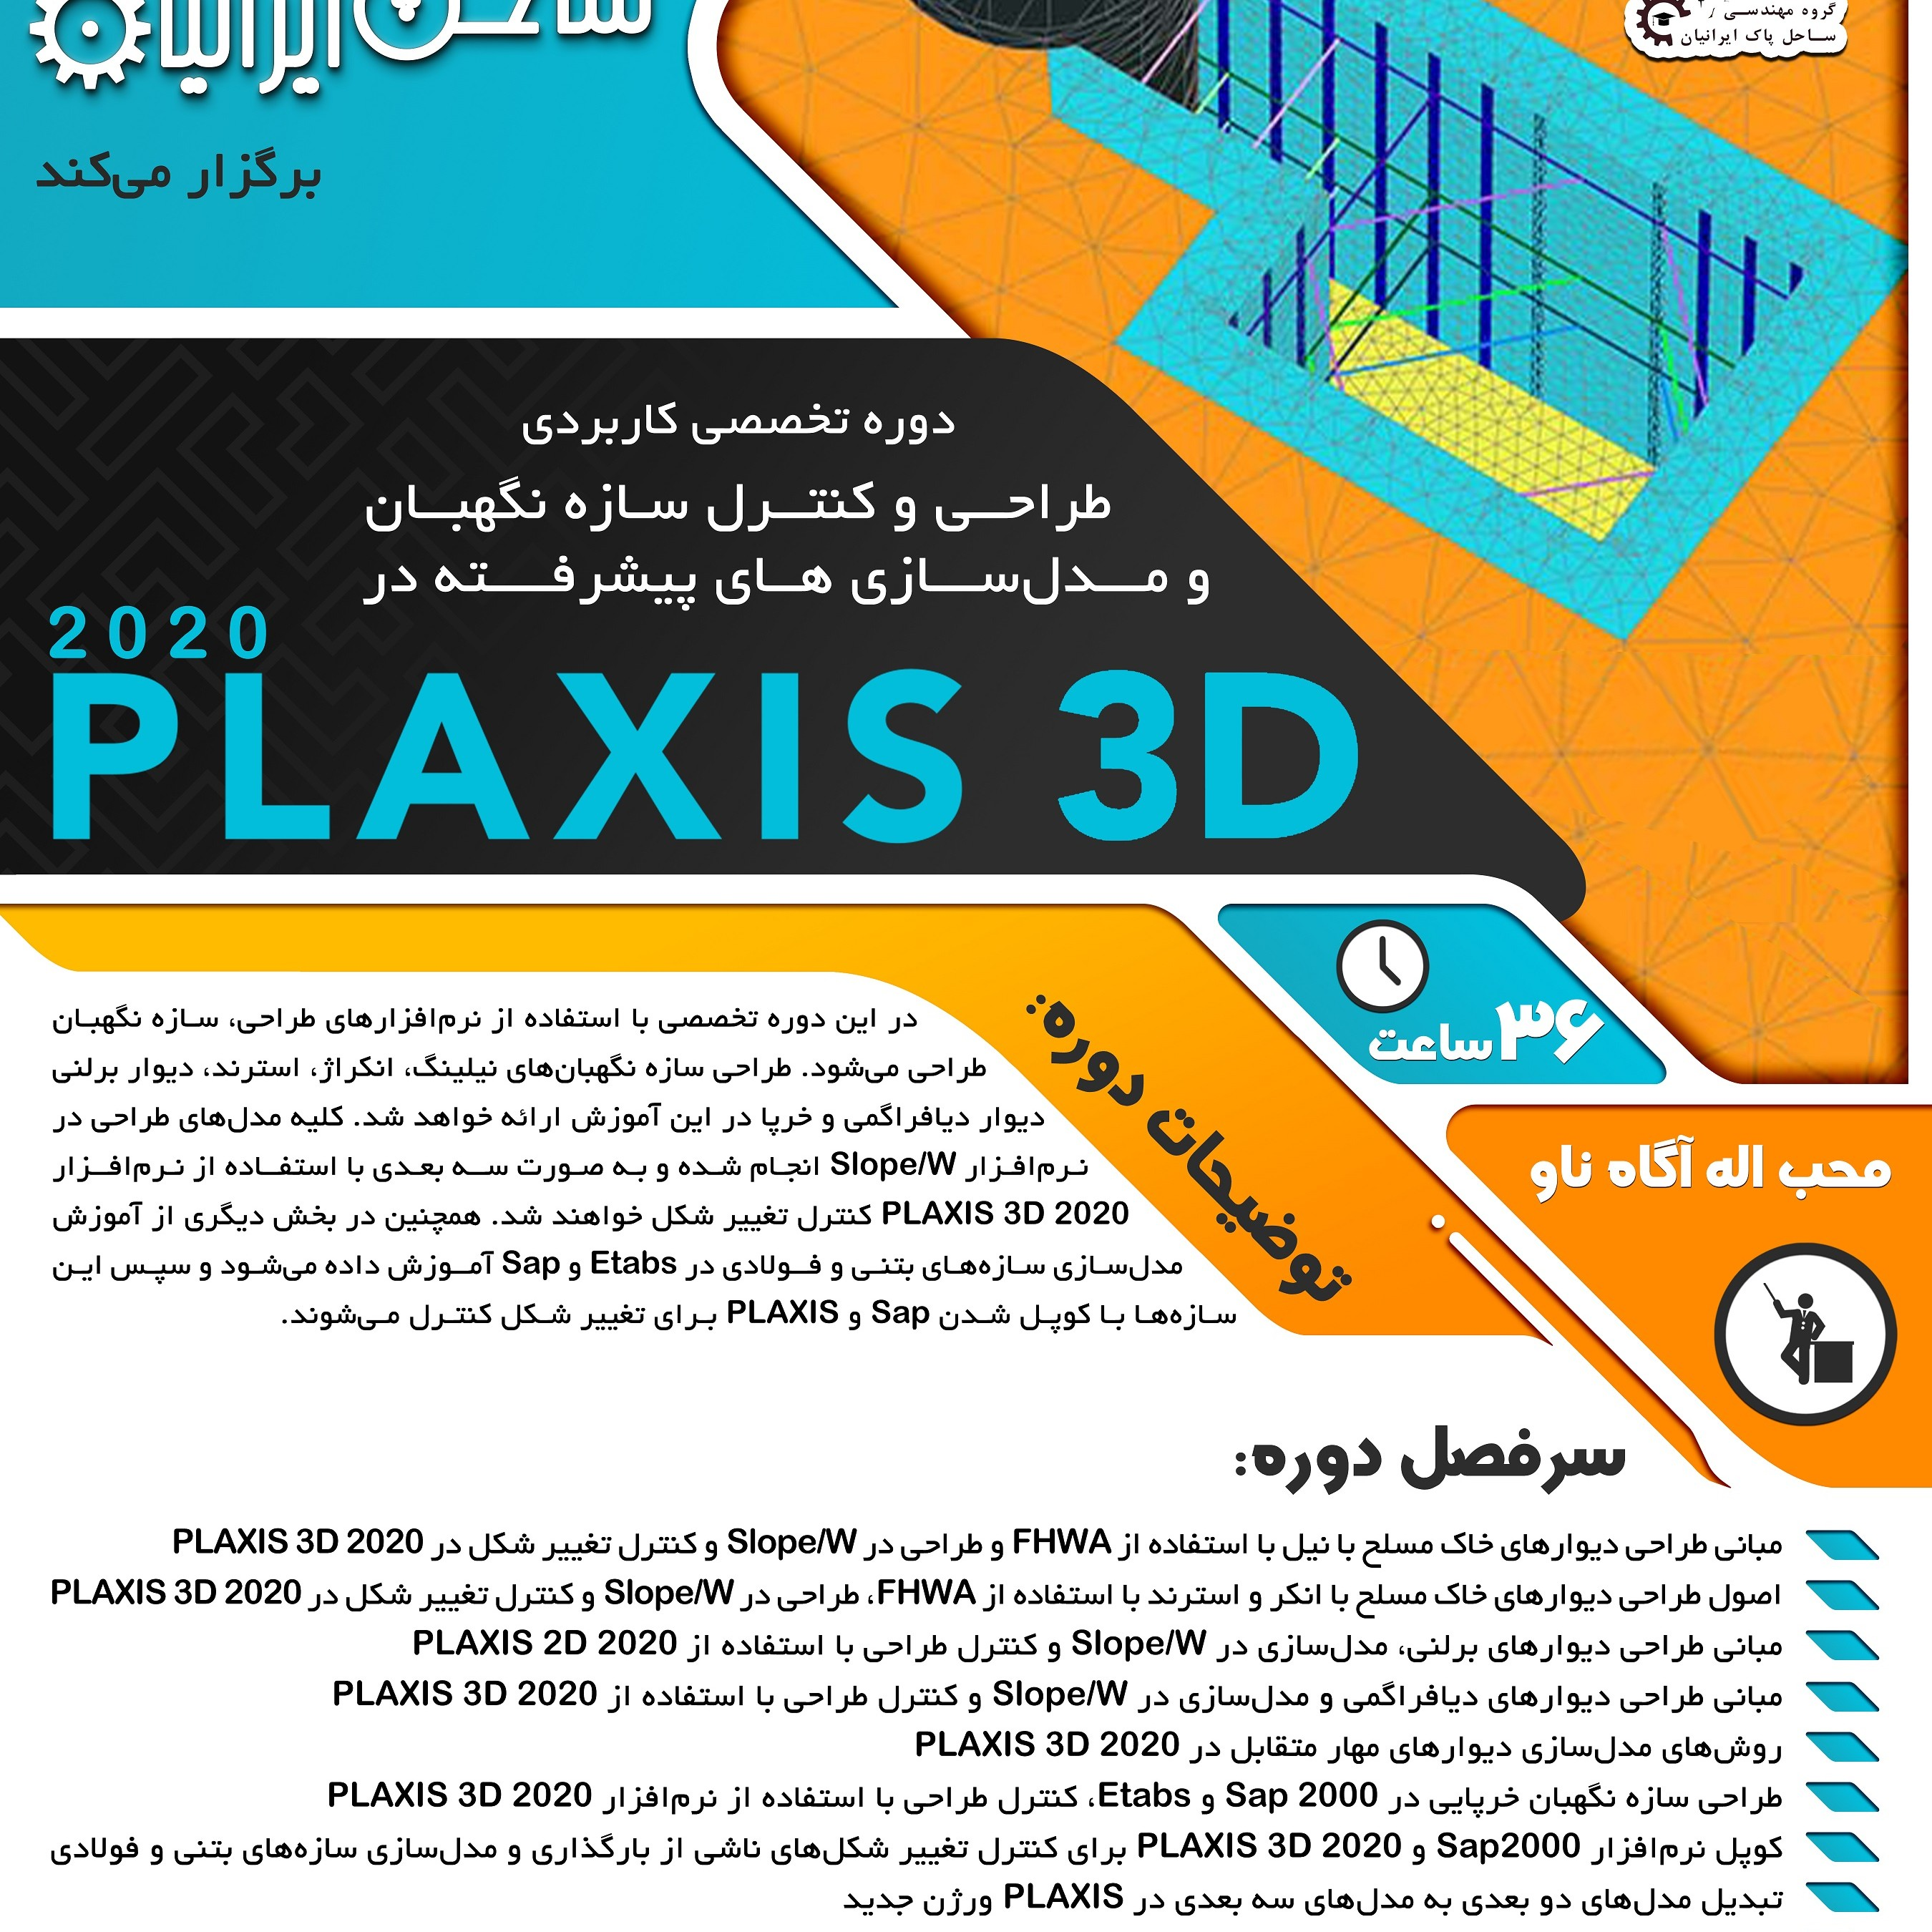 دوره تخصصی کاربردی طراحی و کنترل سازه نگهبان  و مدلسازی های پیشرفته در PLAXIS 3D 2020  (ژئوتکنیک)